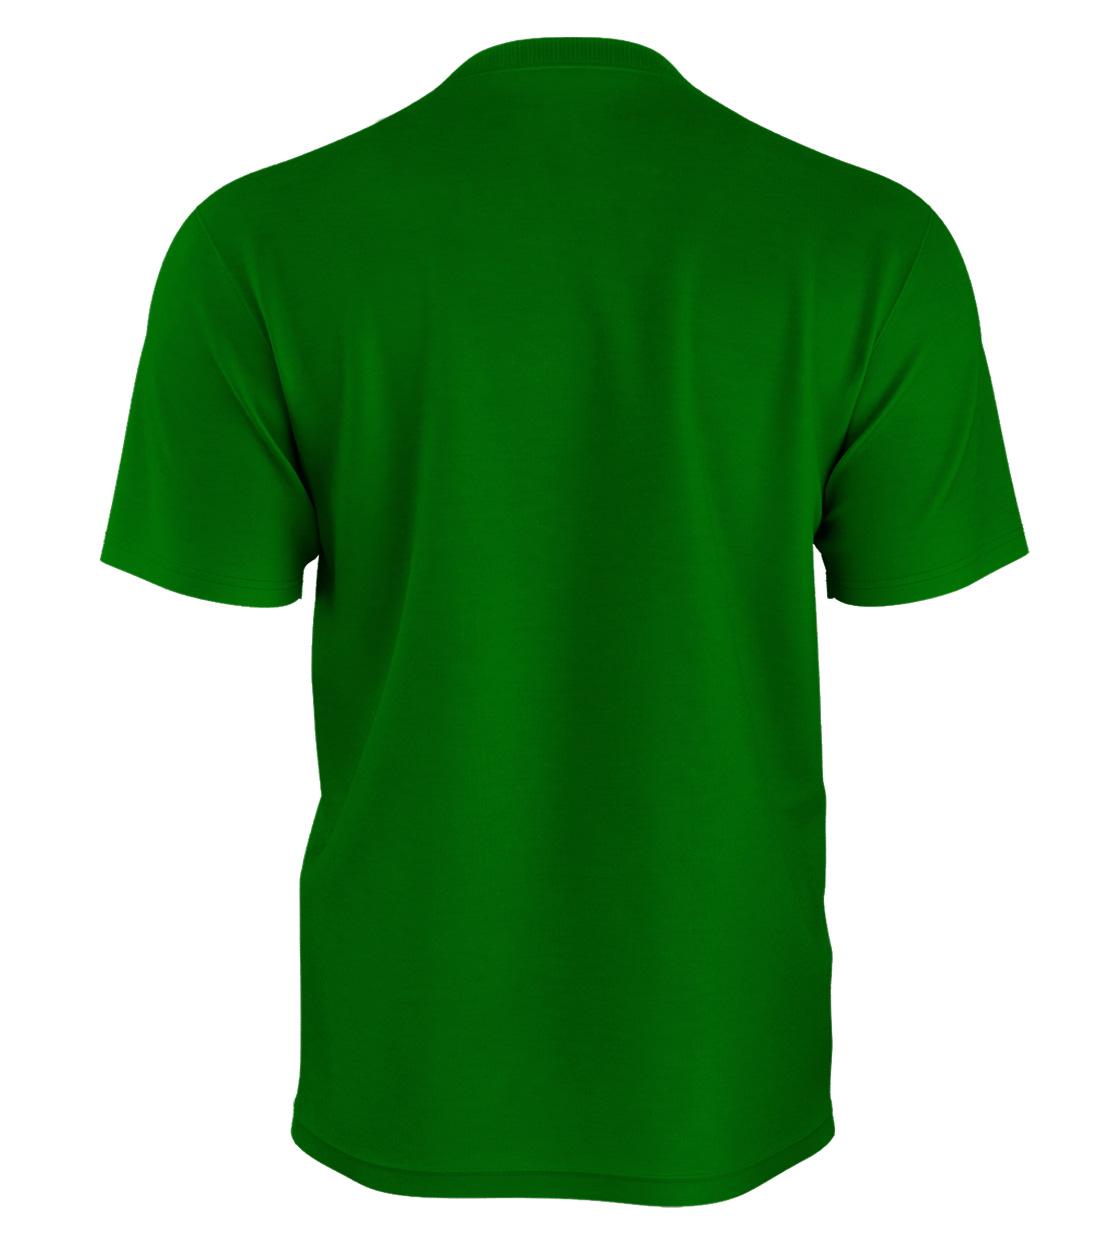 Jimmy Butler Tshirt (TSH-GRN-159-PLYR-BUTLER)